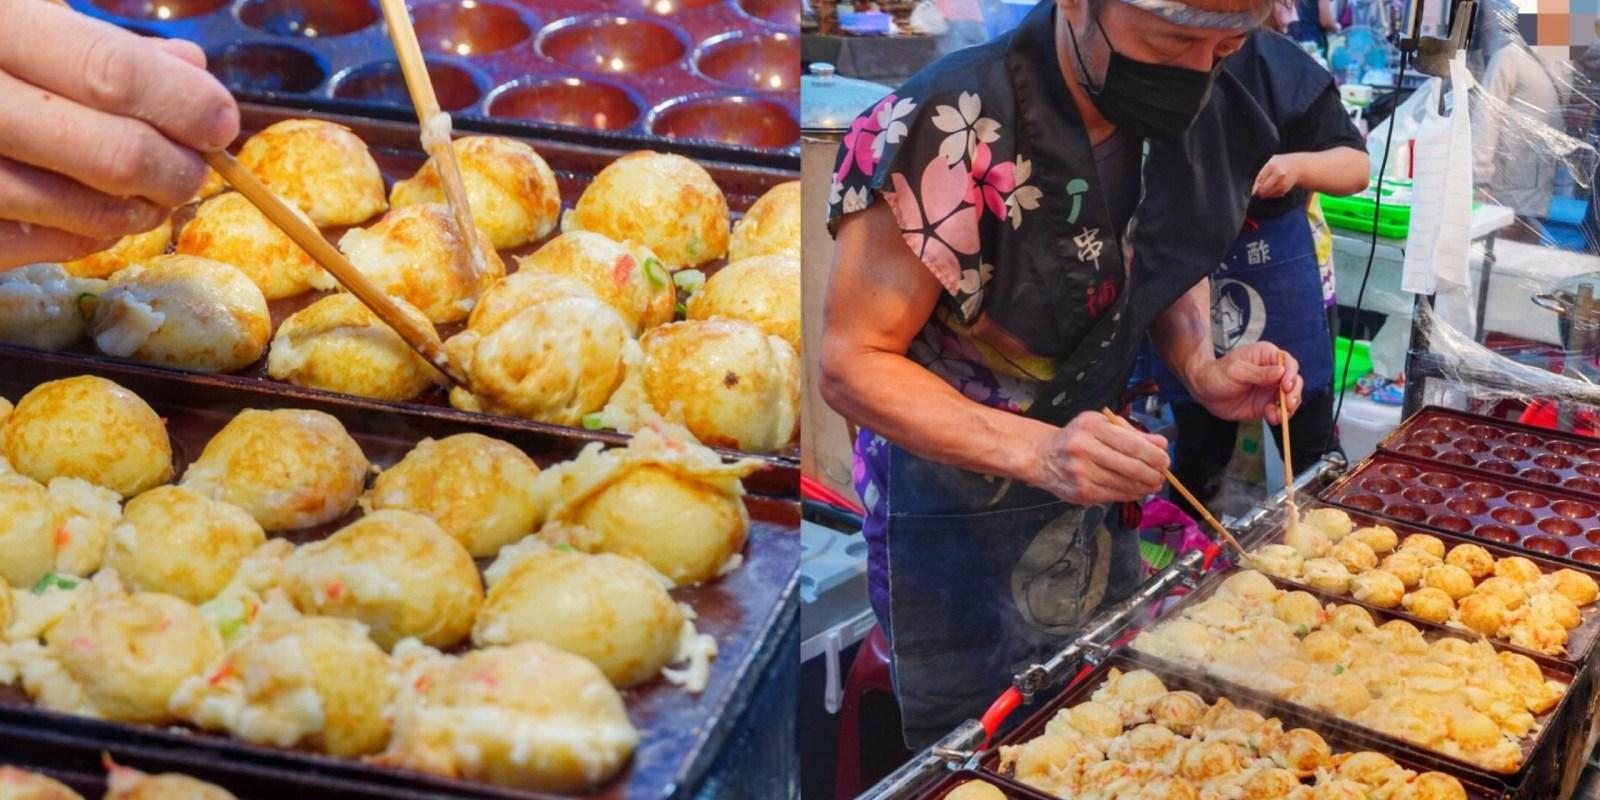 免出國在台南夜市【串博ふうりん章魚燒】就能吃到正宗日本大阪「爆漿章魚燒」日本職人精神 大東夜市